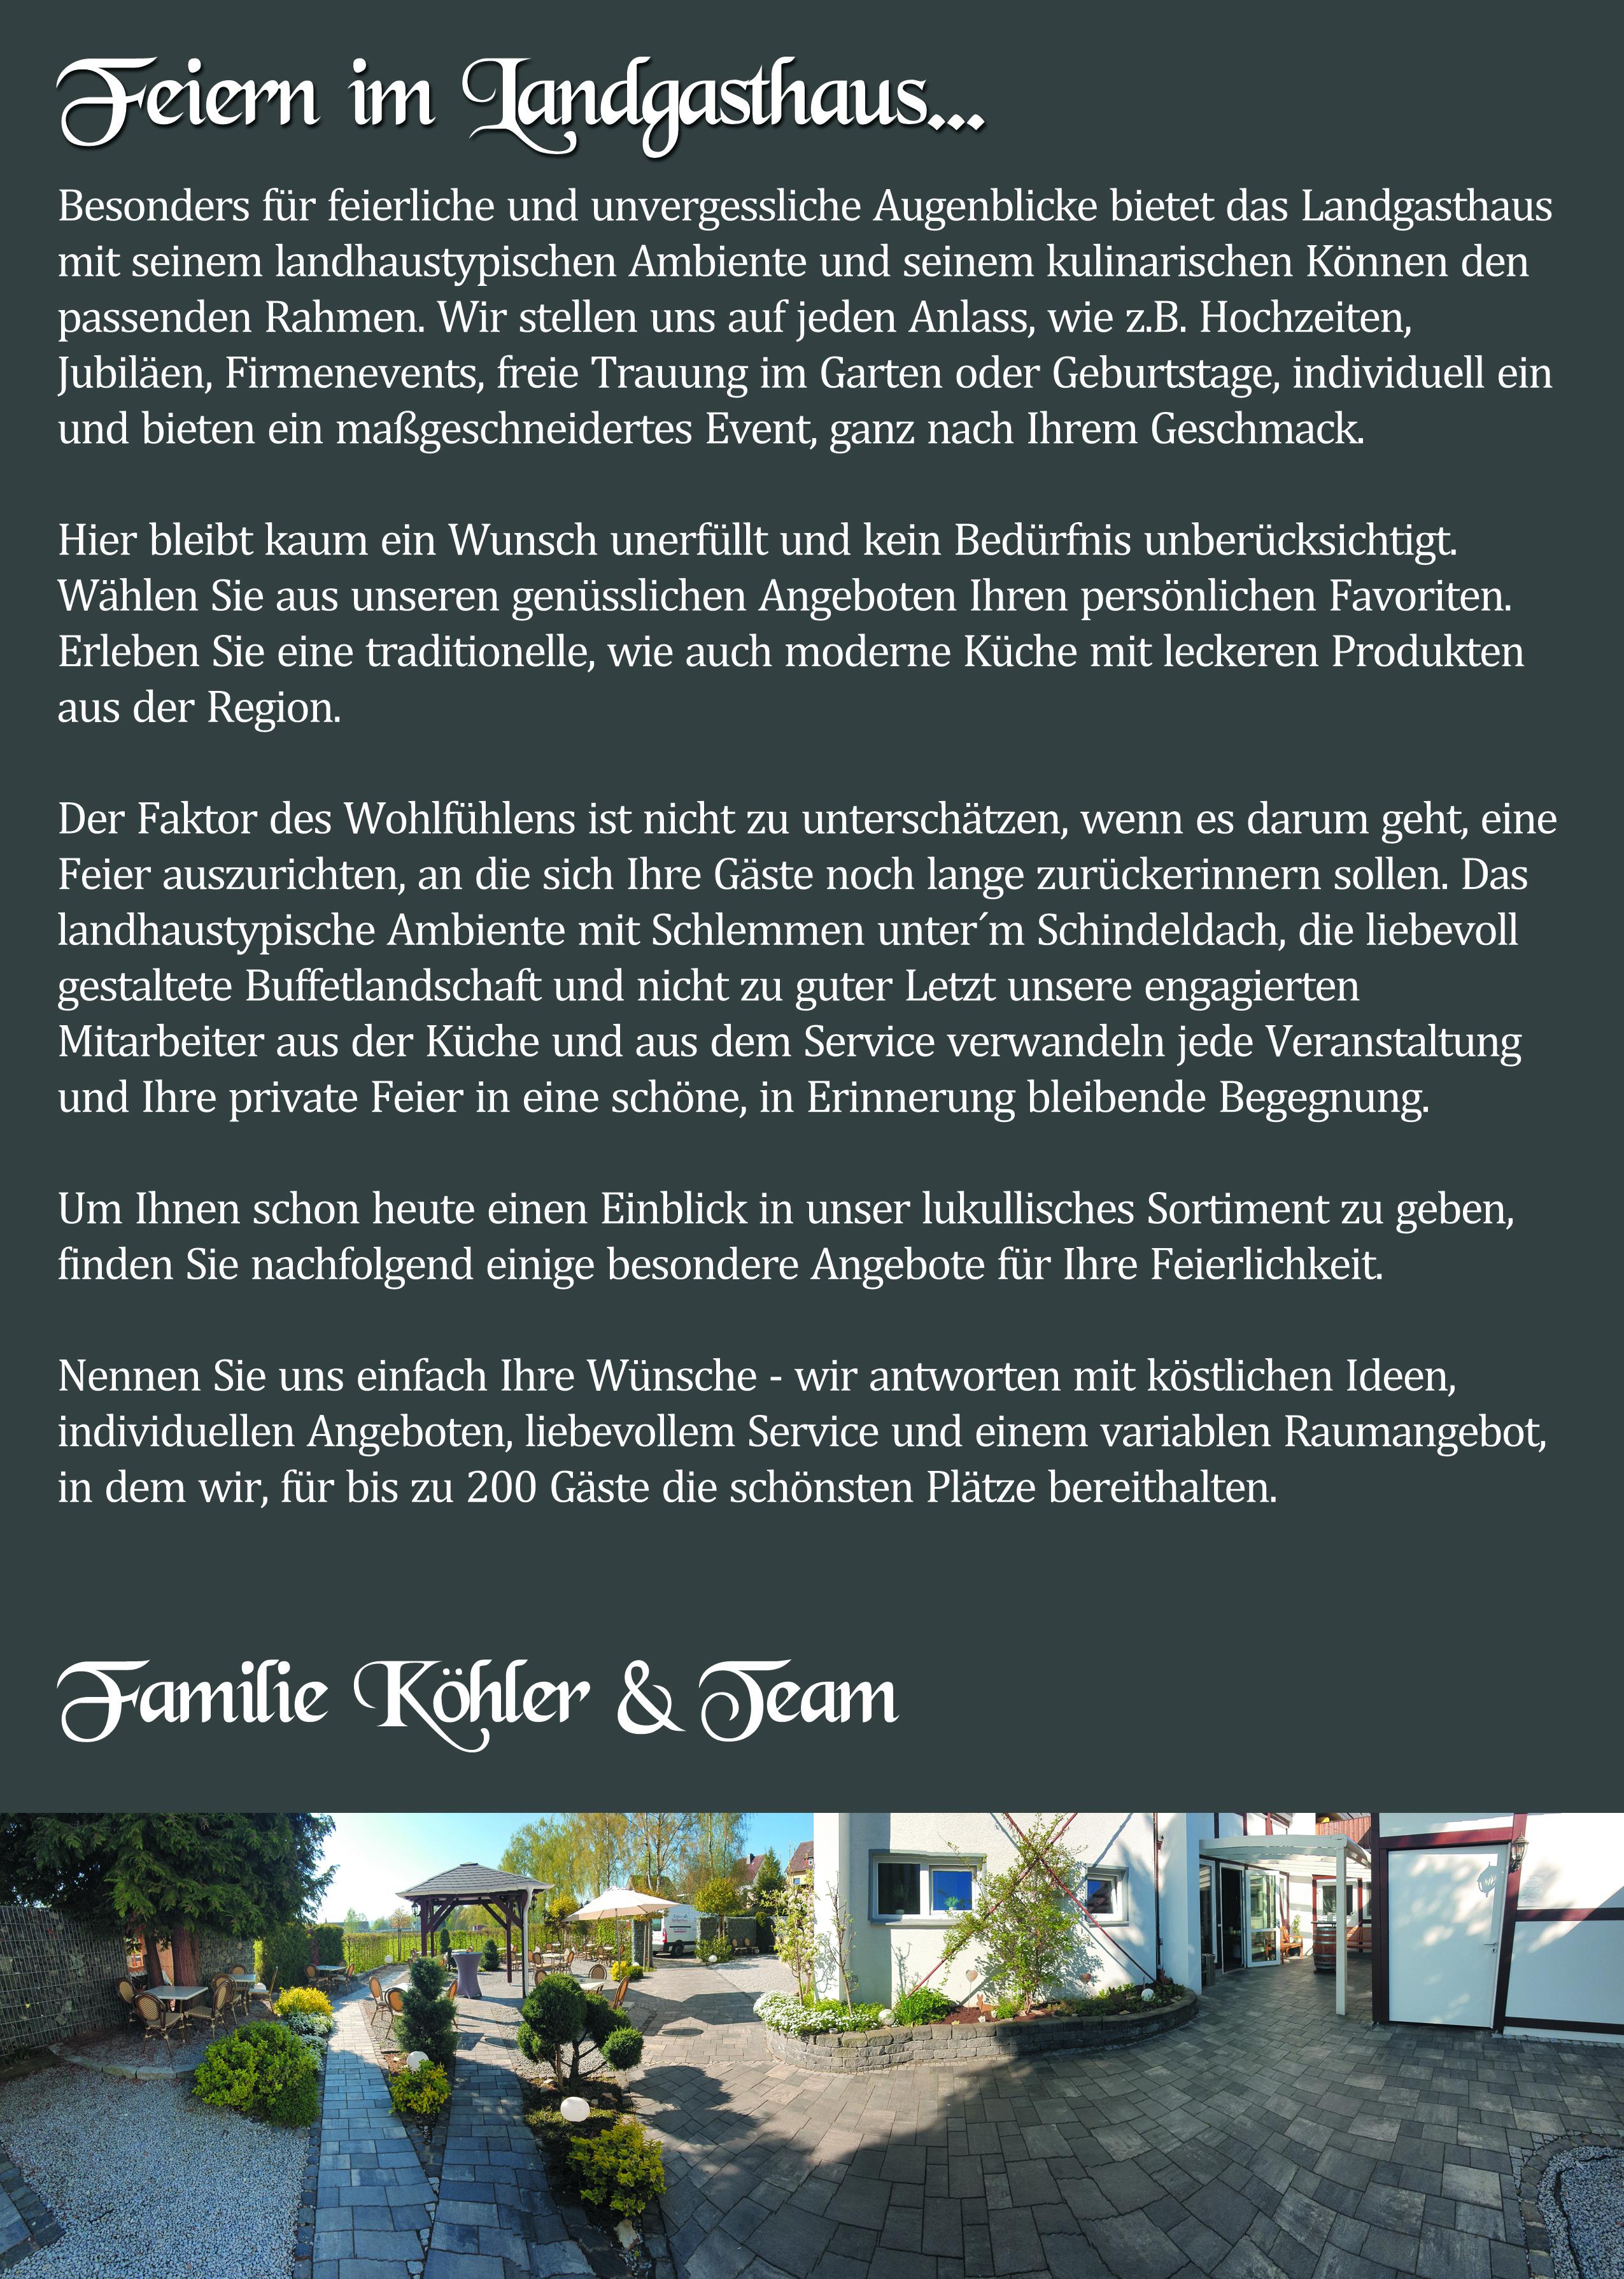 02_lghk_mag_feiernimlandgasthaus_page02.